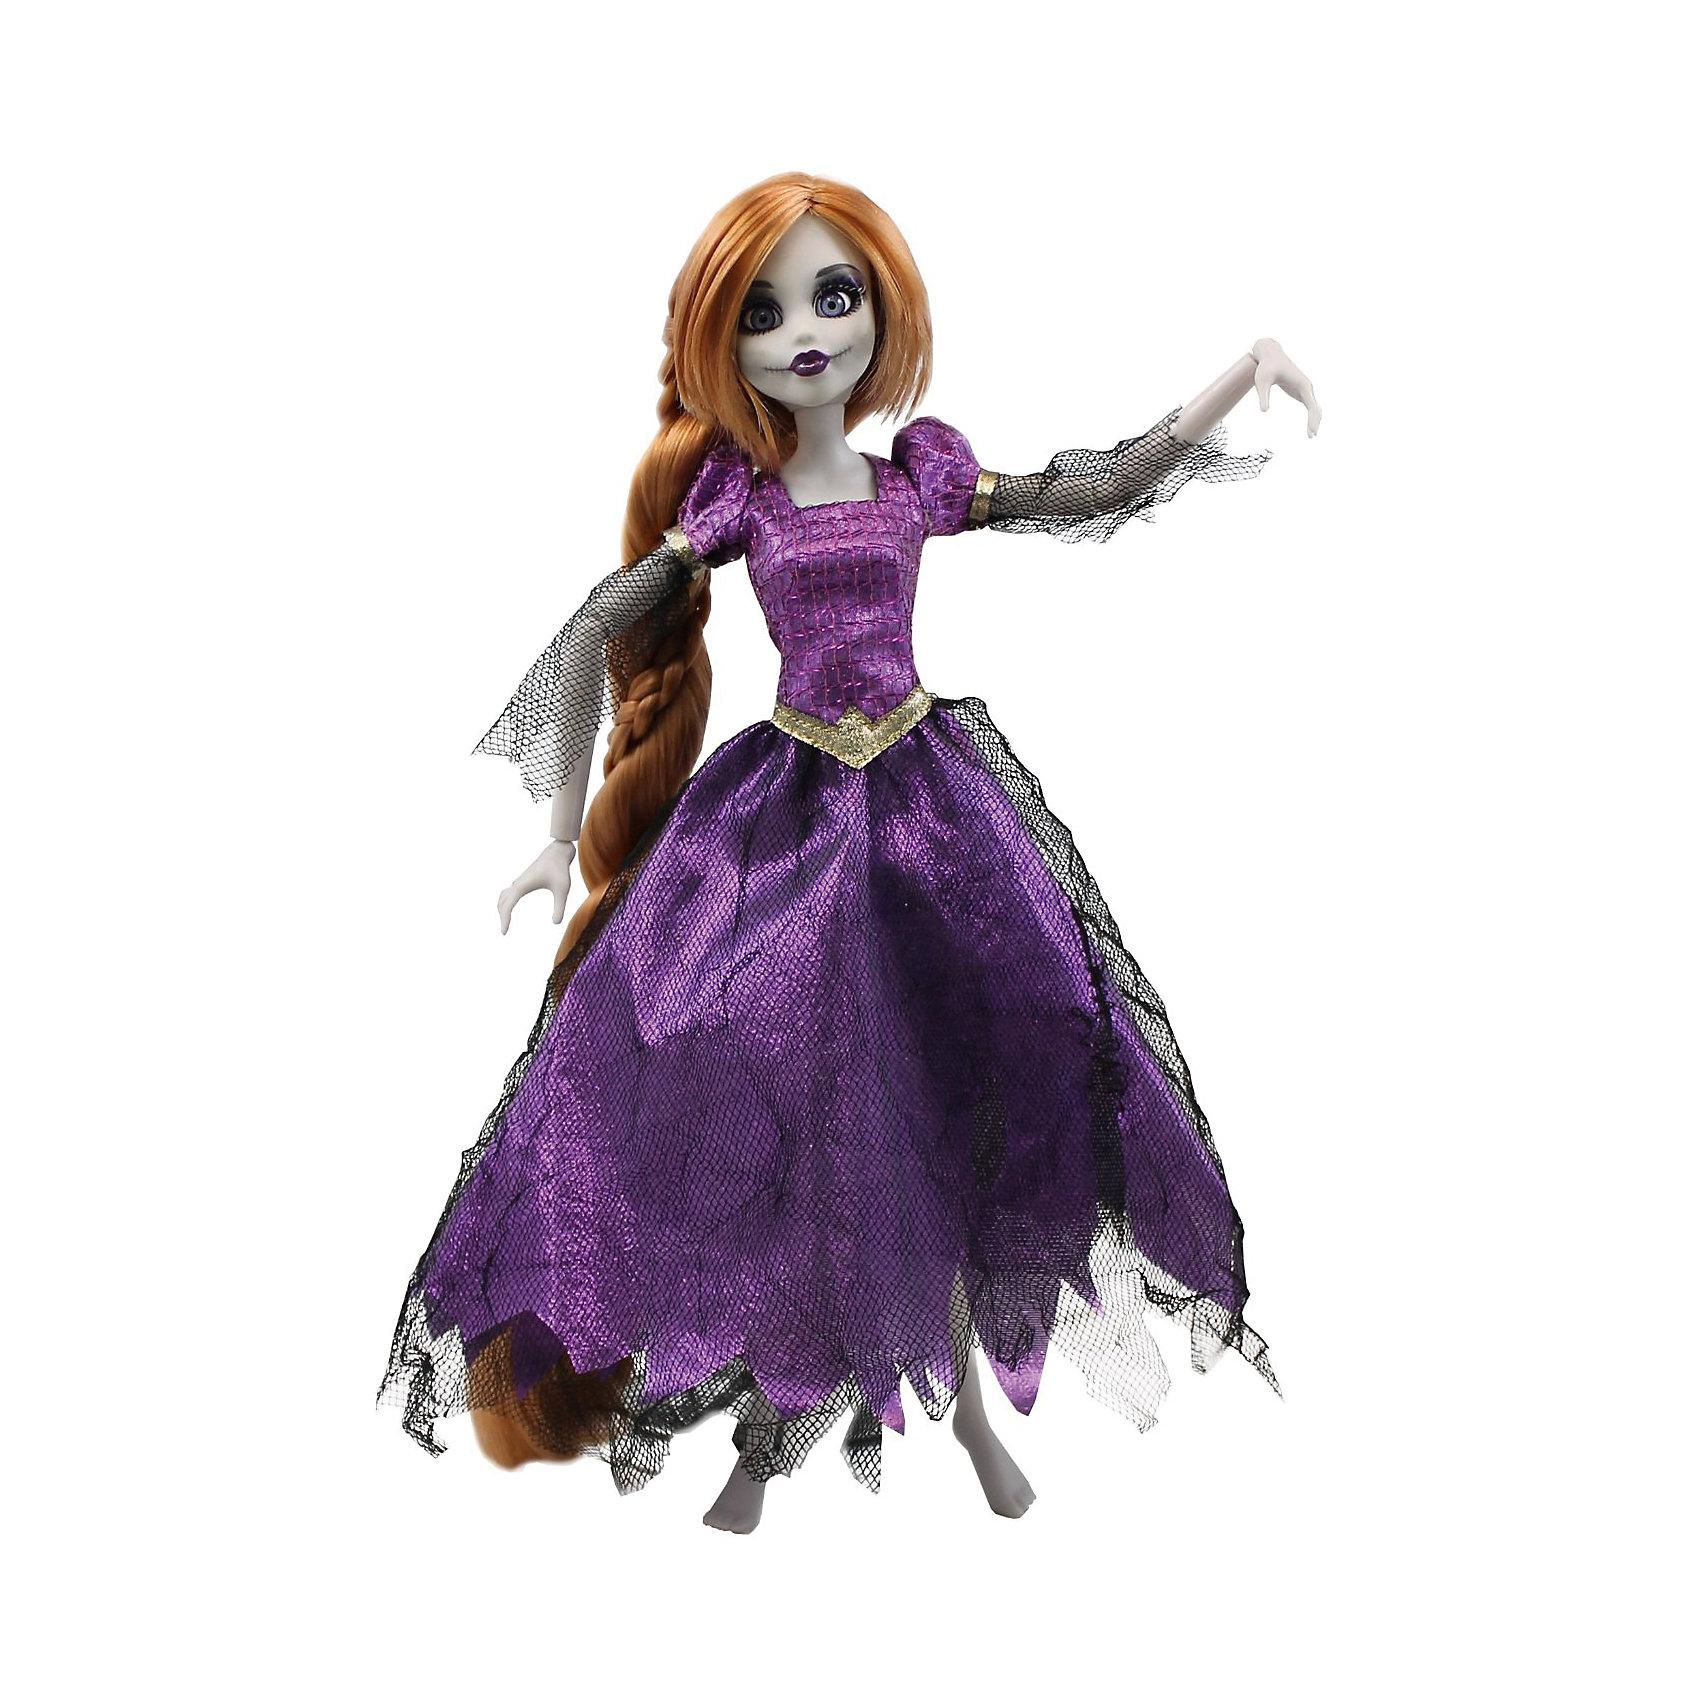 Кукла Зомби: Рапунцель, WowWeeКукла Зомби: Рапунцель от WowWee - это сказочный персонаж , превращенный в загадочную и холодную принцессу-зомби. Несмотря на превращение, принцесса не утратила своей красоты, даже наоборот, приобрела определенный потусторонний шарм и очарование. Невероятно длинные русые волосы куклы очень приятны наощупь, из них получится много оригинальных причесок. Рапунцель одета в прекрасное фиолетовое платье с приталенным лифом, пышной юбкой и подъюбником из сетки. Собери всю коллекцию принцесс-зомби и устрой незабываемый бал!<br><br>Дополнительная информация:<br><br>- Материал: пластик, текстиль.<br>- Высота куклы: 28 см.<br>- Комплектация: кукла, расческа, подставка.<br>- Руки, ноги, голова куклы подвижные.<br><br>Куклу Зомби: Рапунцель, WowWee, можно купить в нашем магазине.<br><br>Ширина мм: 150<br>Глубина мм: 70<br>Высота мм: 350<br>Вес г: 150<br>Возраст от месяцев: 72<br>Возраст до месяцев: 168<br>Пол: Женский<br>Возраст: Детский<br>SKU: 4134076